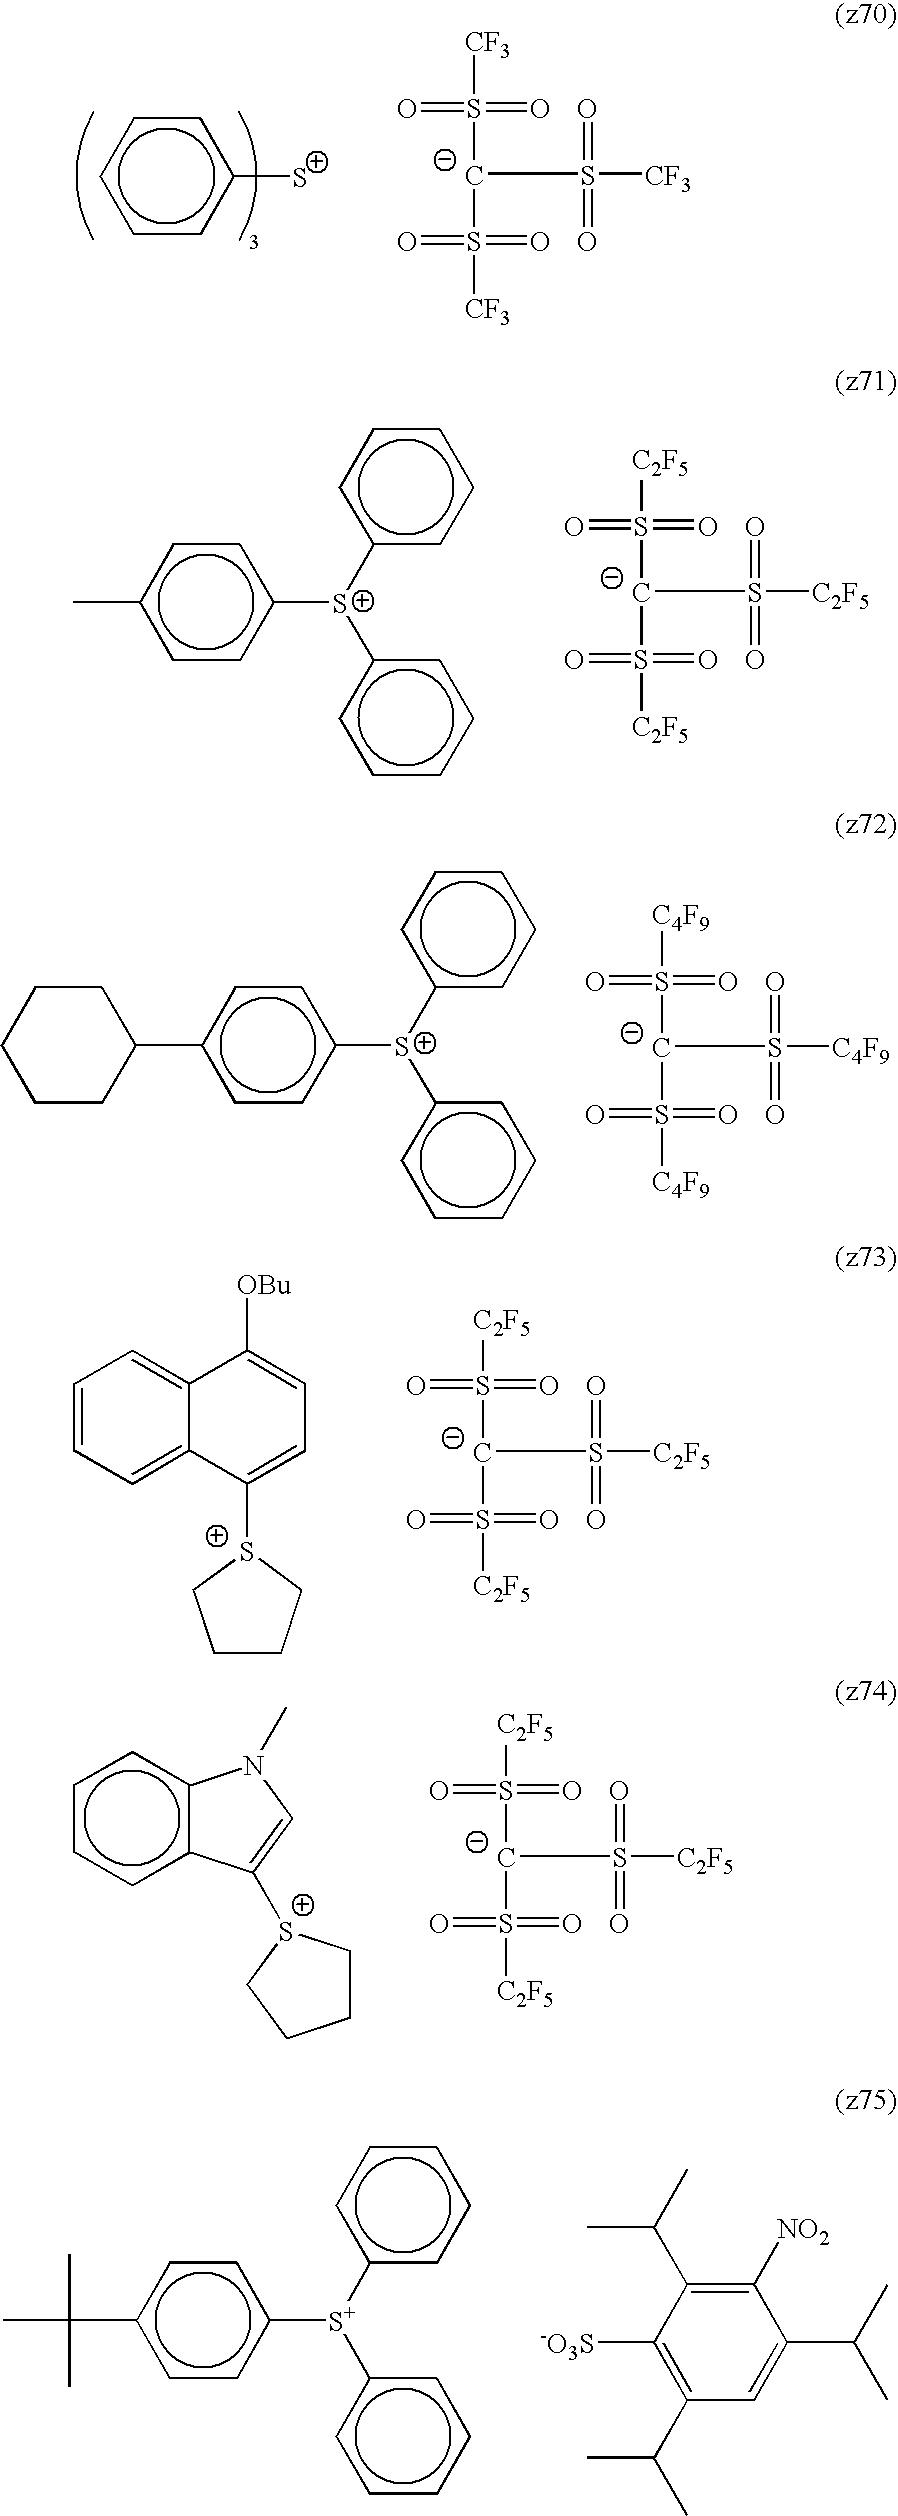 Figure US20100183975A1-20100722-C00229